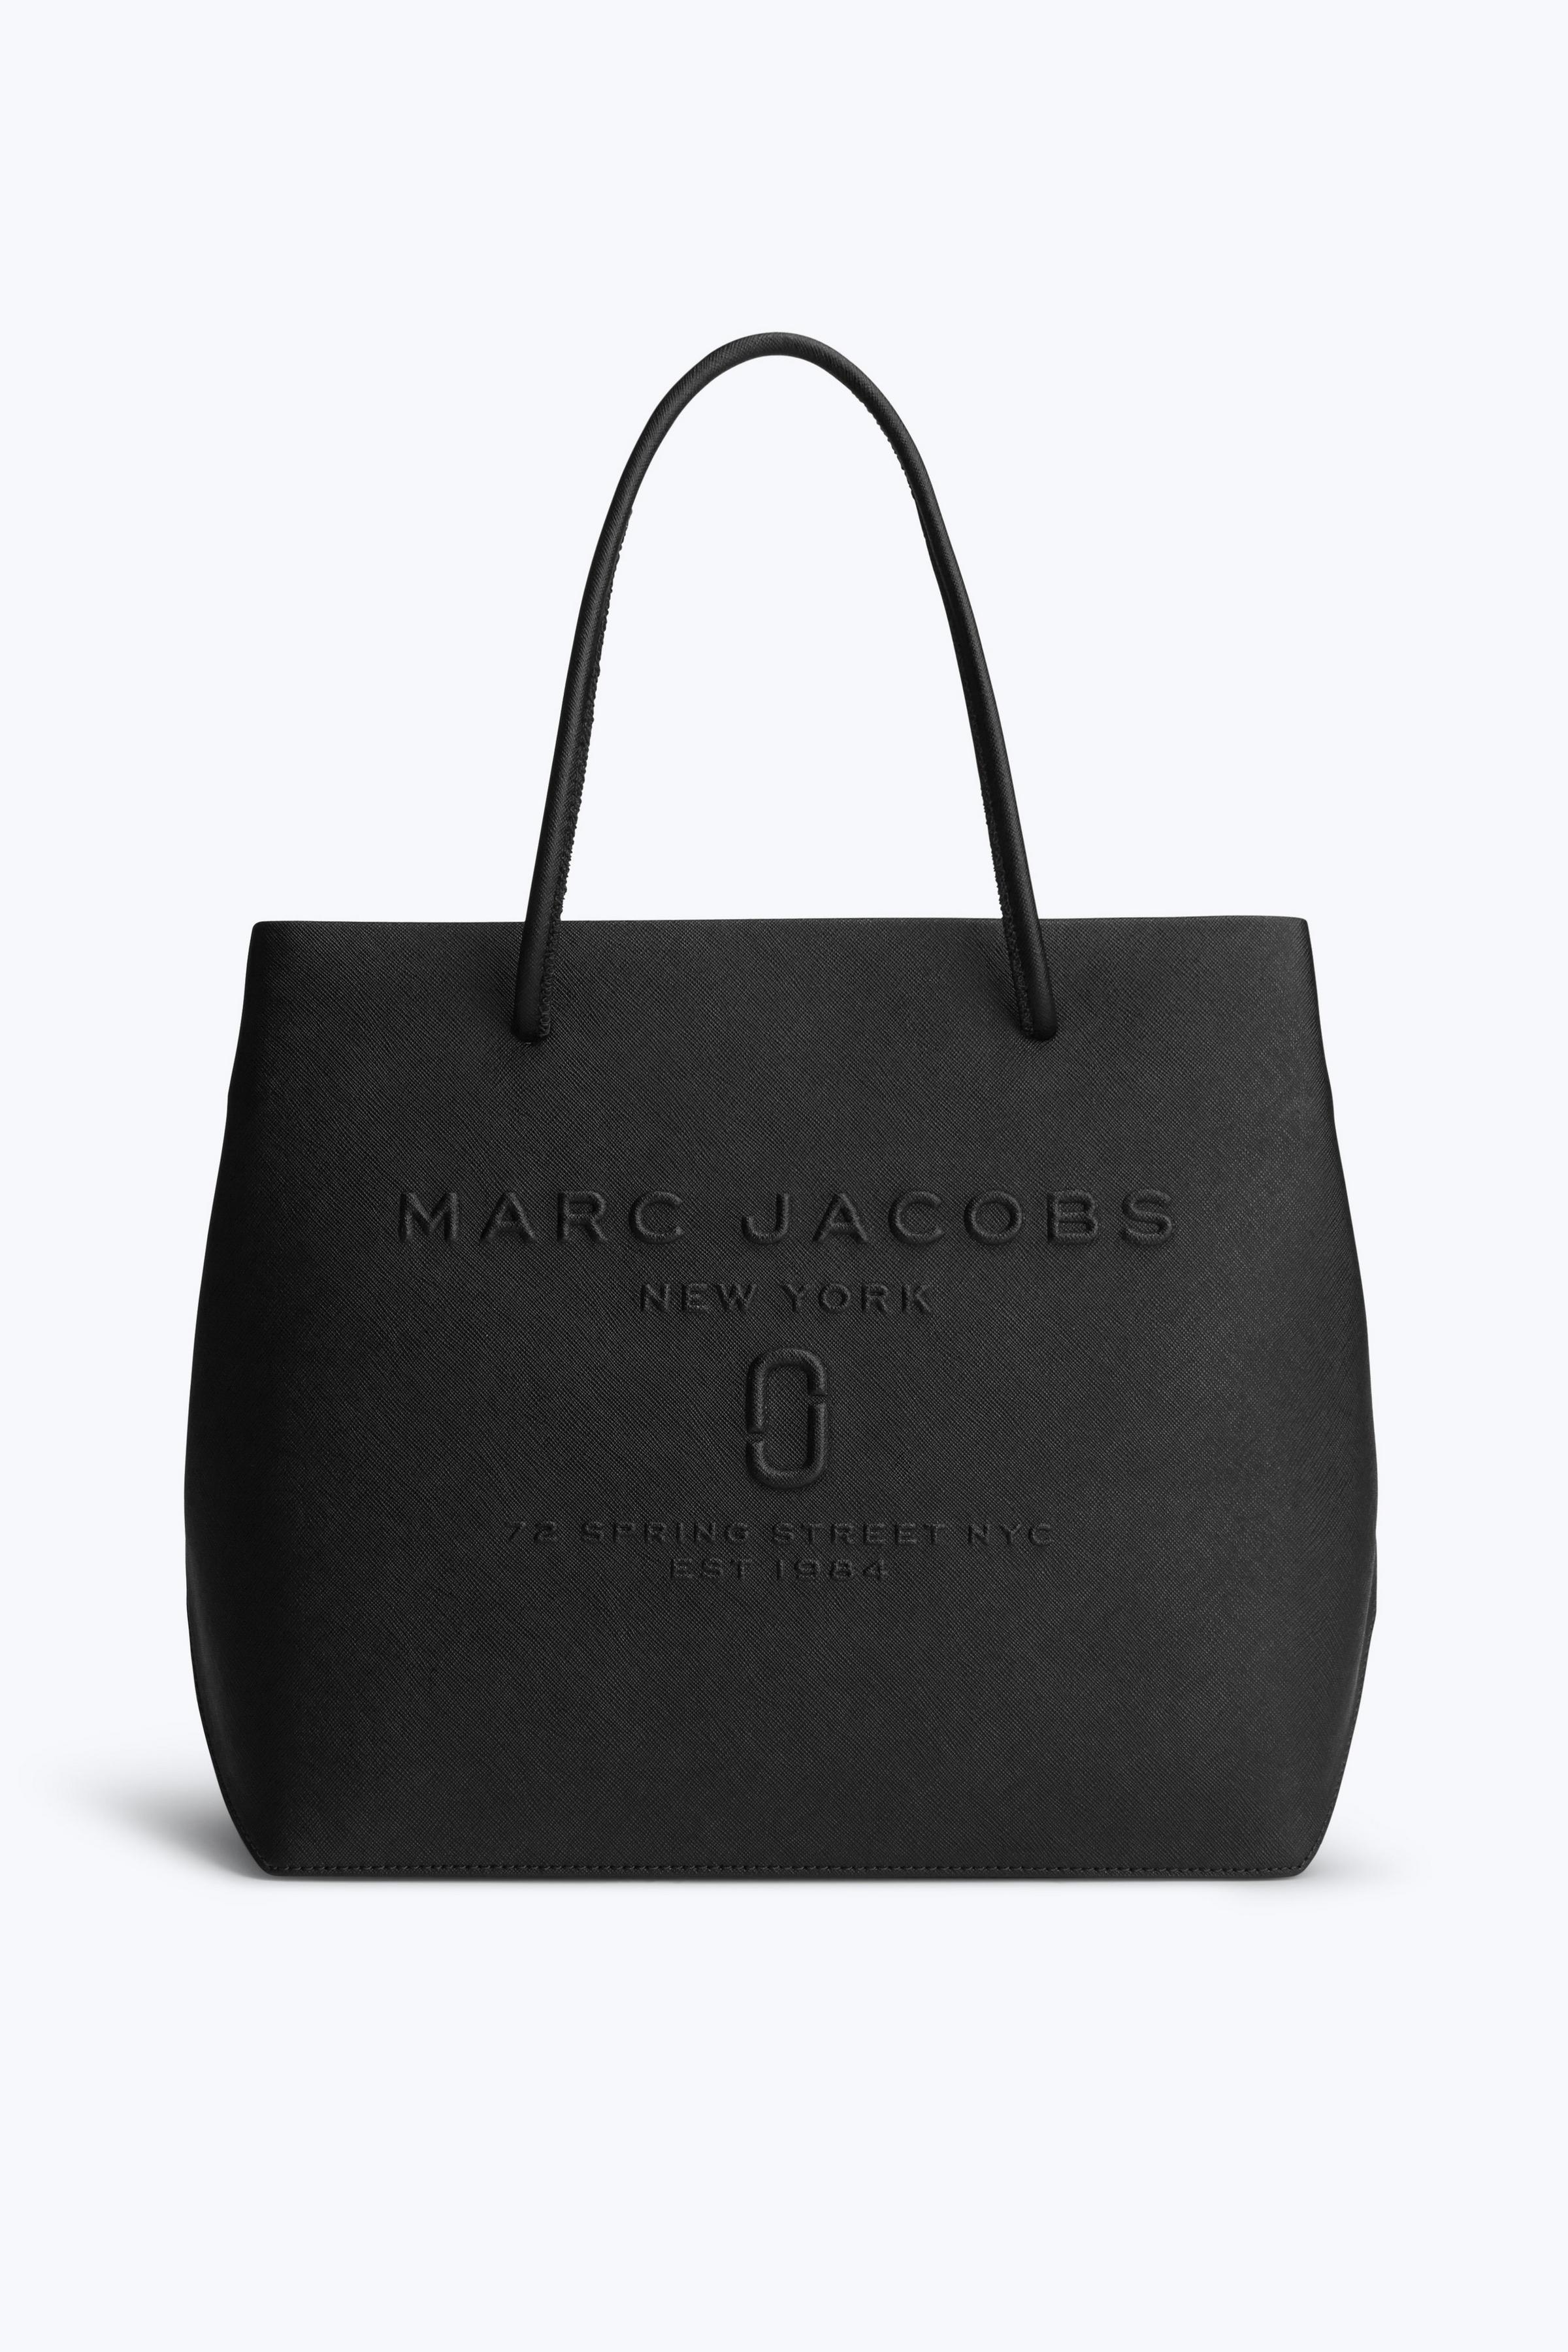 Marc Jacobs De Sac Shopper Logo En Cuir De Vache Fendu Le Poivron Rouge W0phZtEC